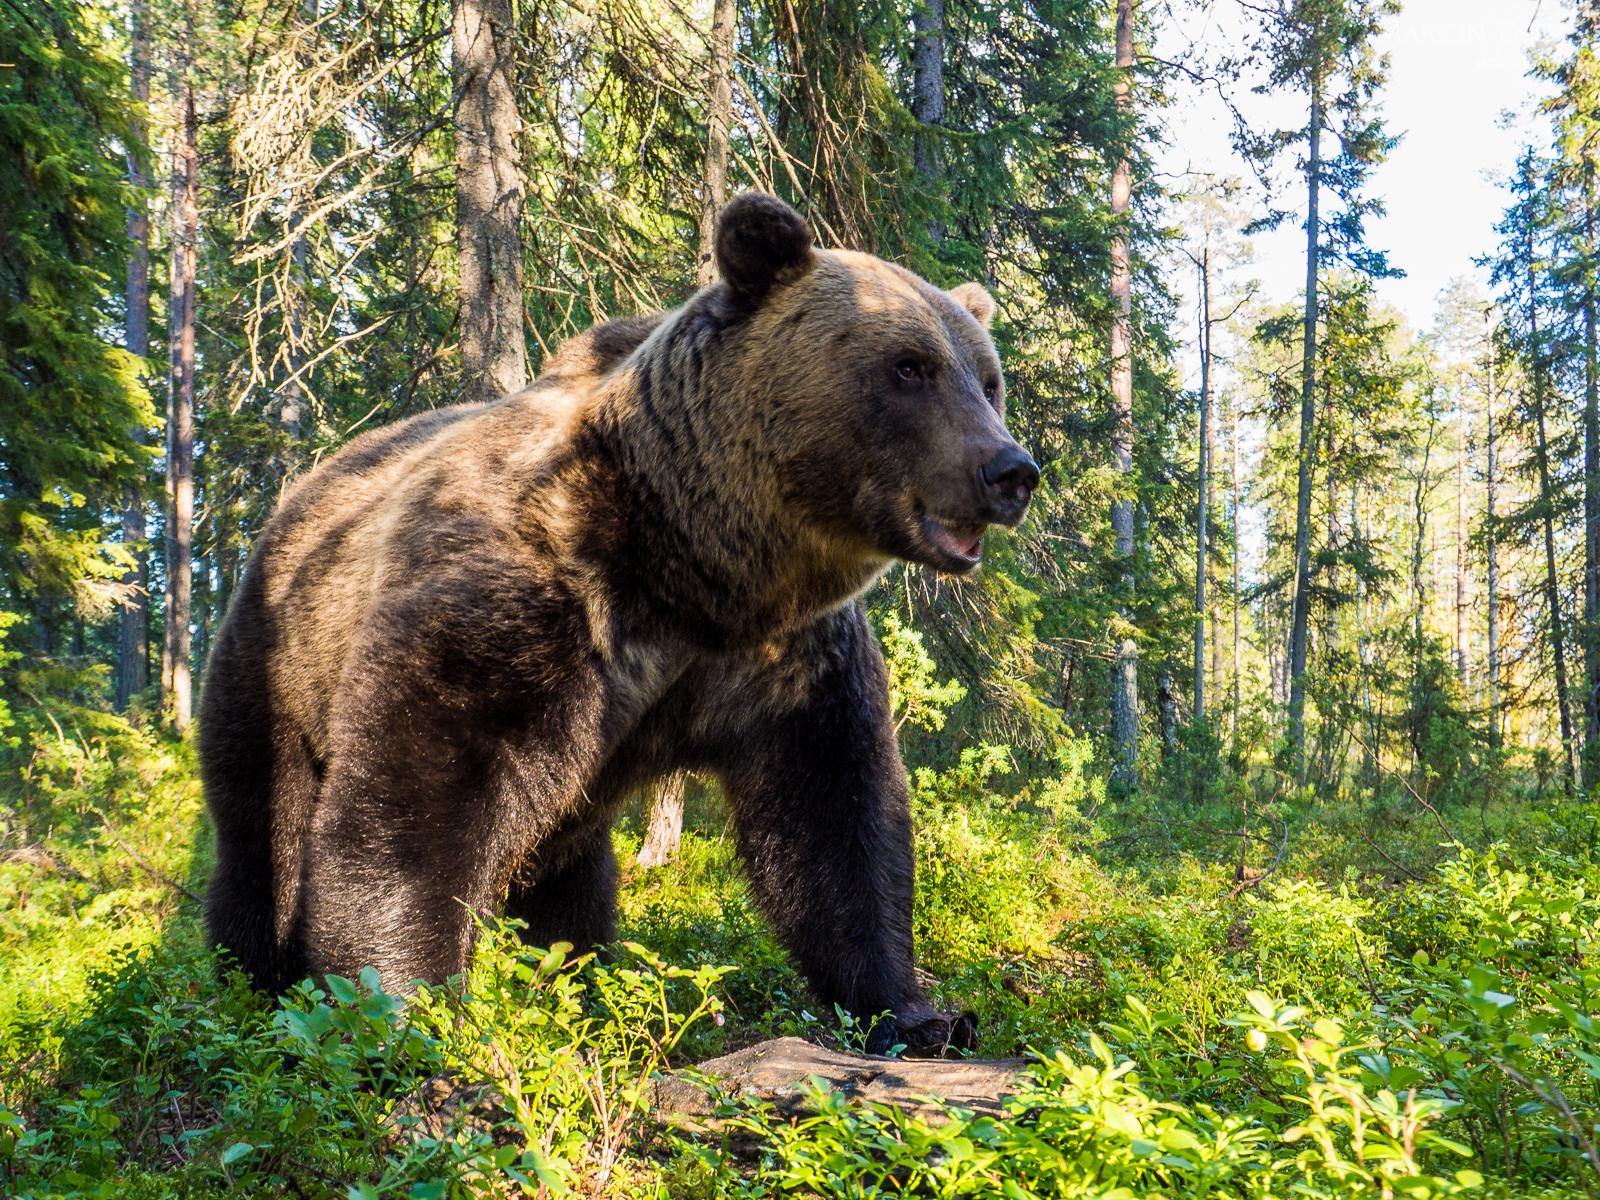 niedźwiedź brunatny - fotopułapki